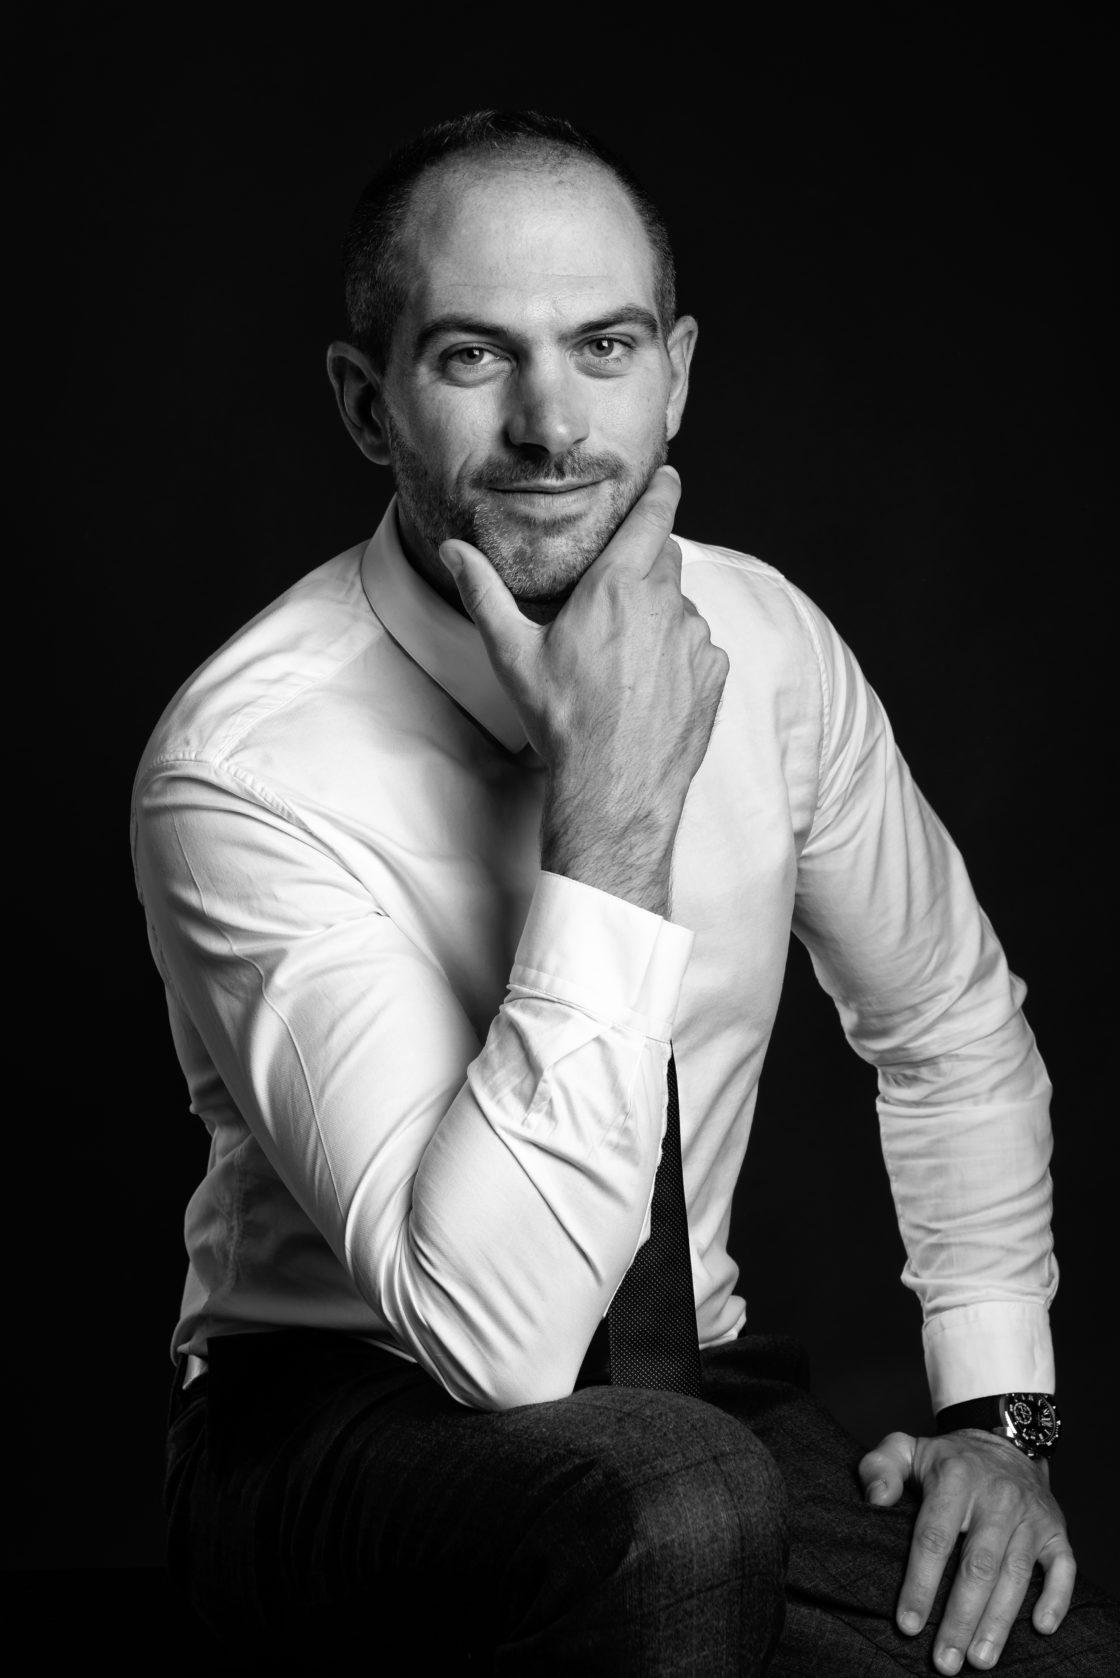 Photographie avocat droit des affaires pour site web - Taupinprod - Veronique Taupin photographe Paris